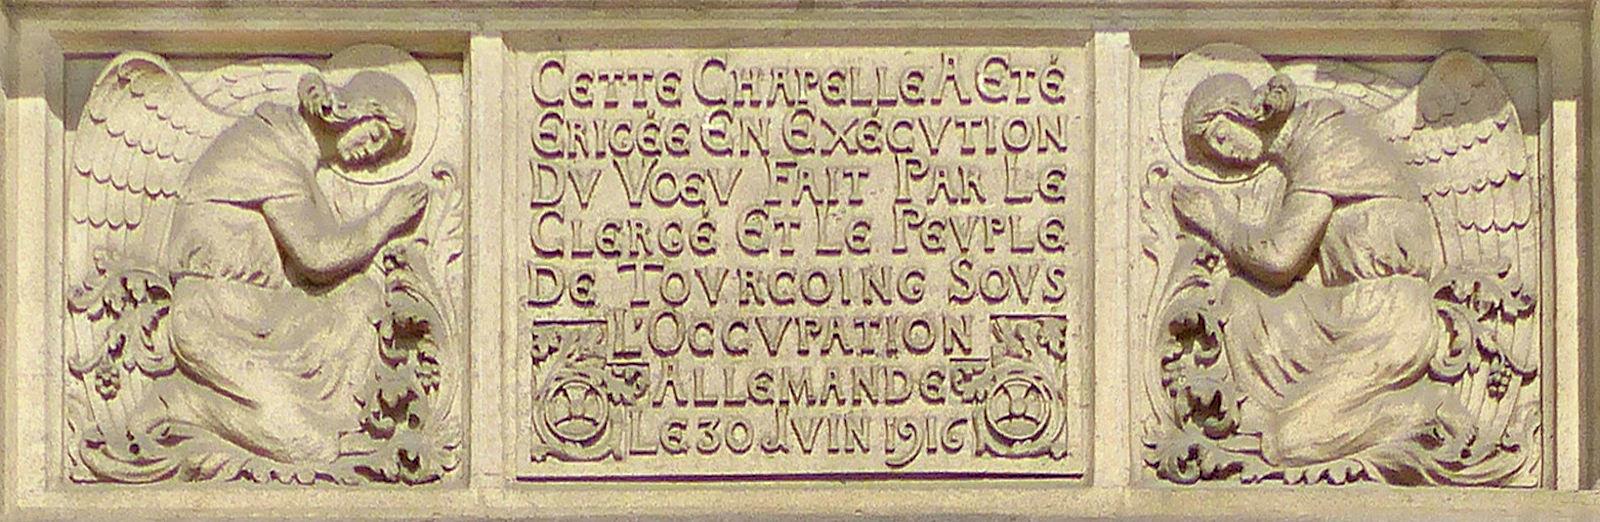 Chapelle du Voeu, Tourcoing - Inscription Fronton.